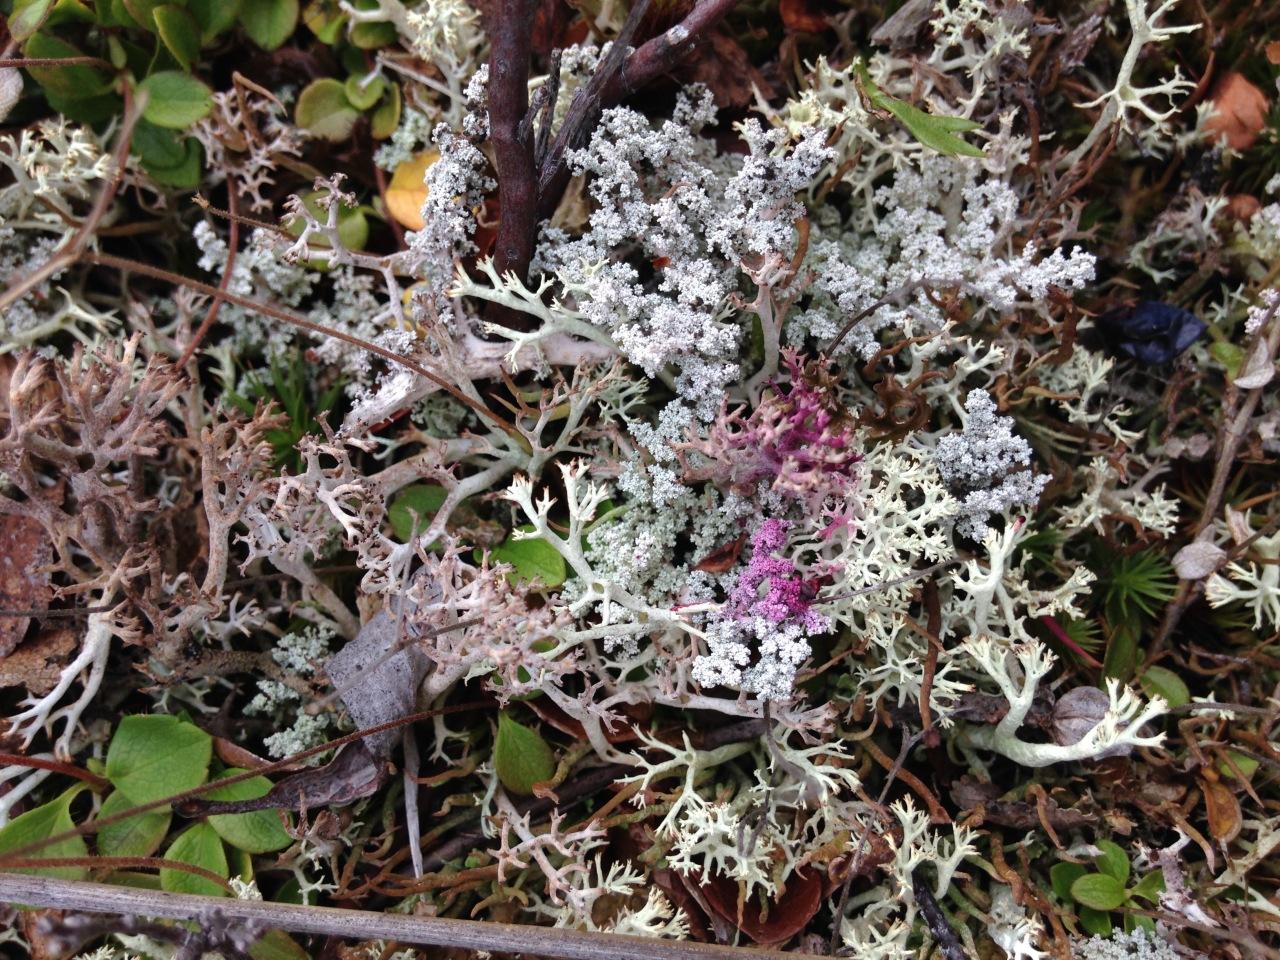 blueberry stained lichen